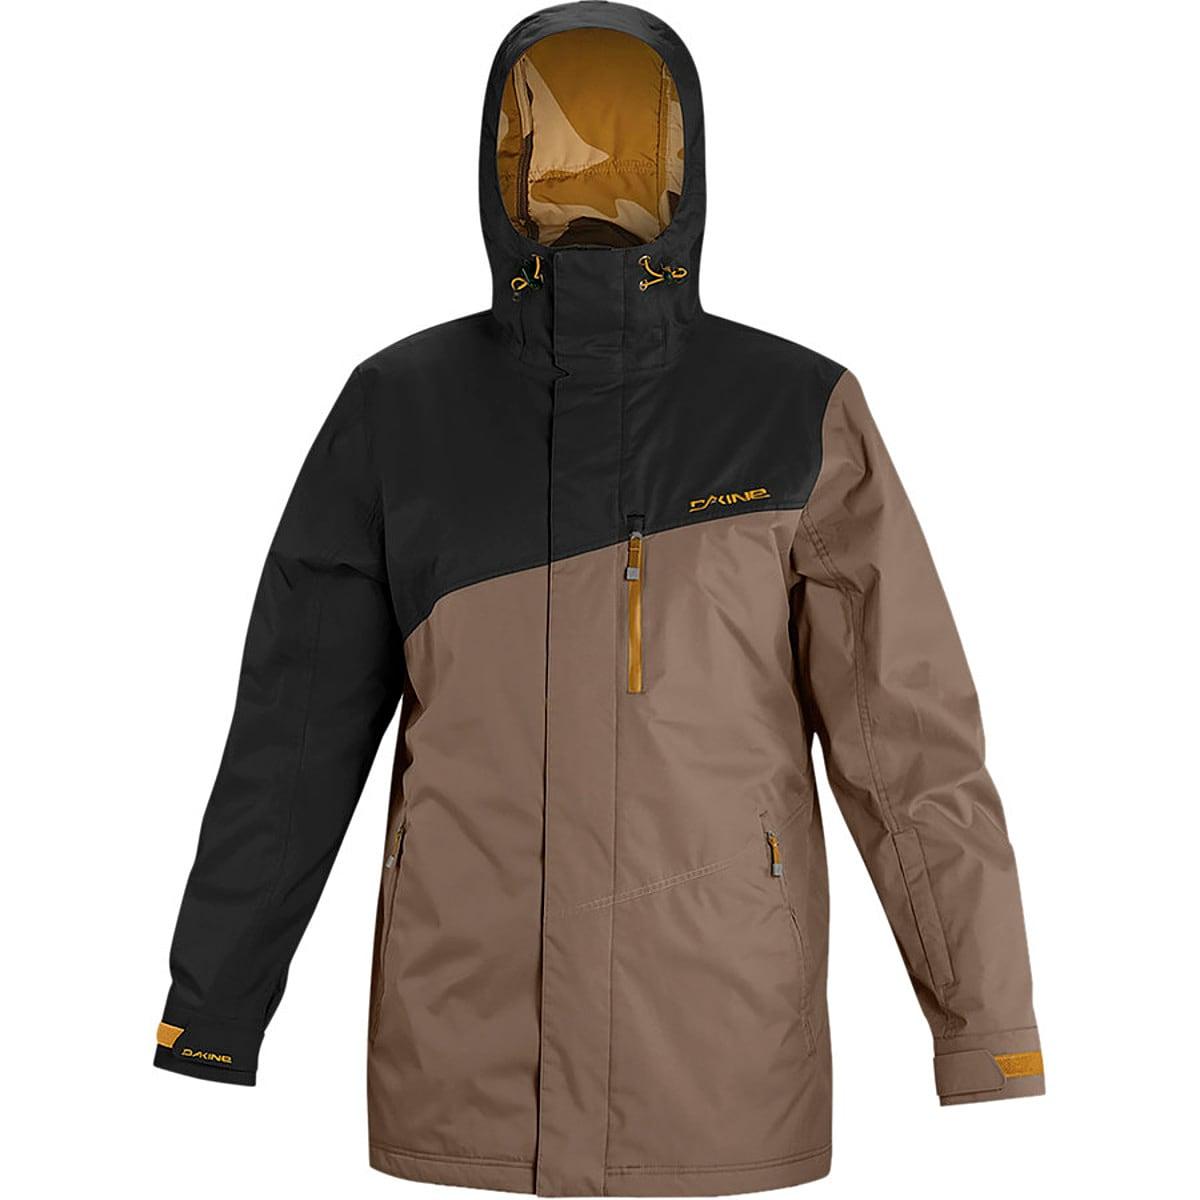 DaKine Ledge Jacket